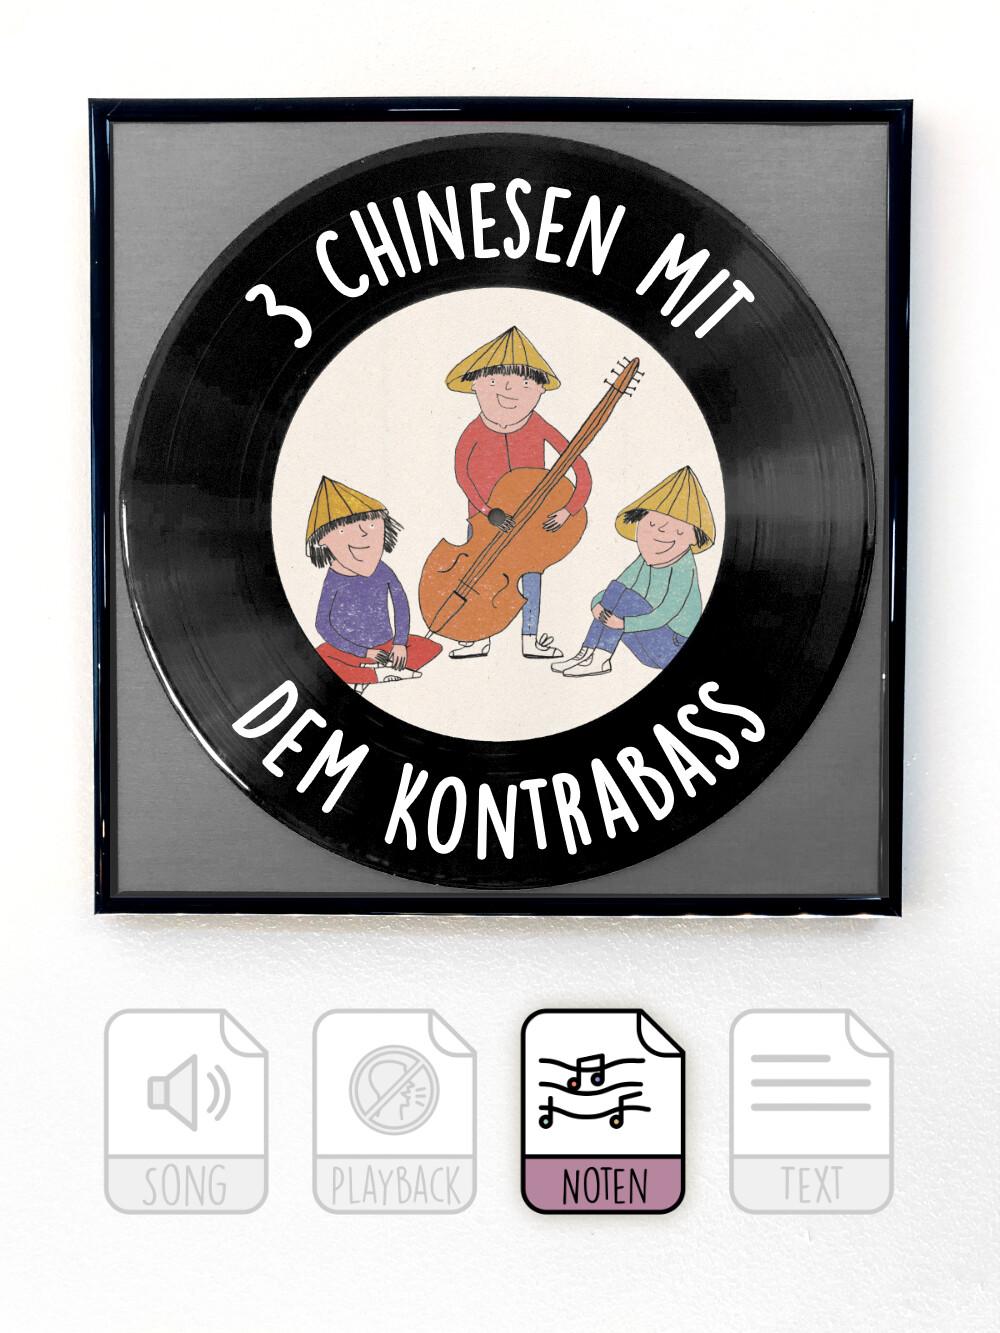 3 Chinesen mit dem Kontrabass